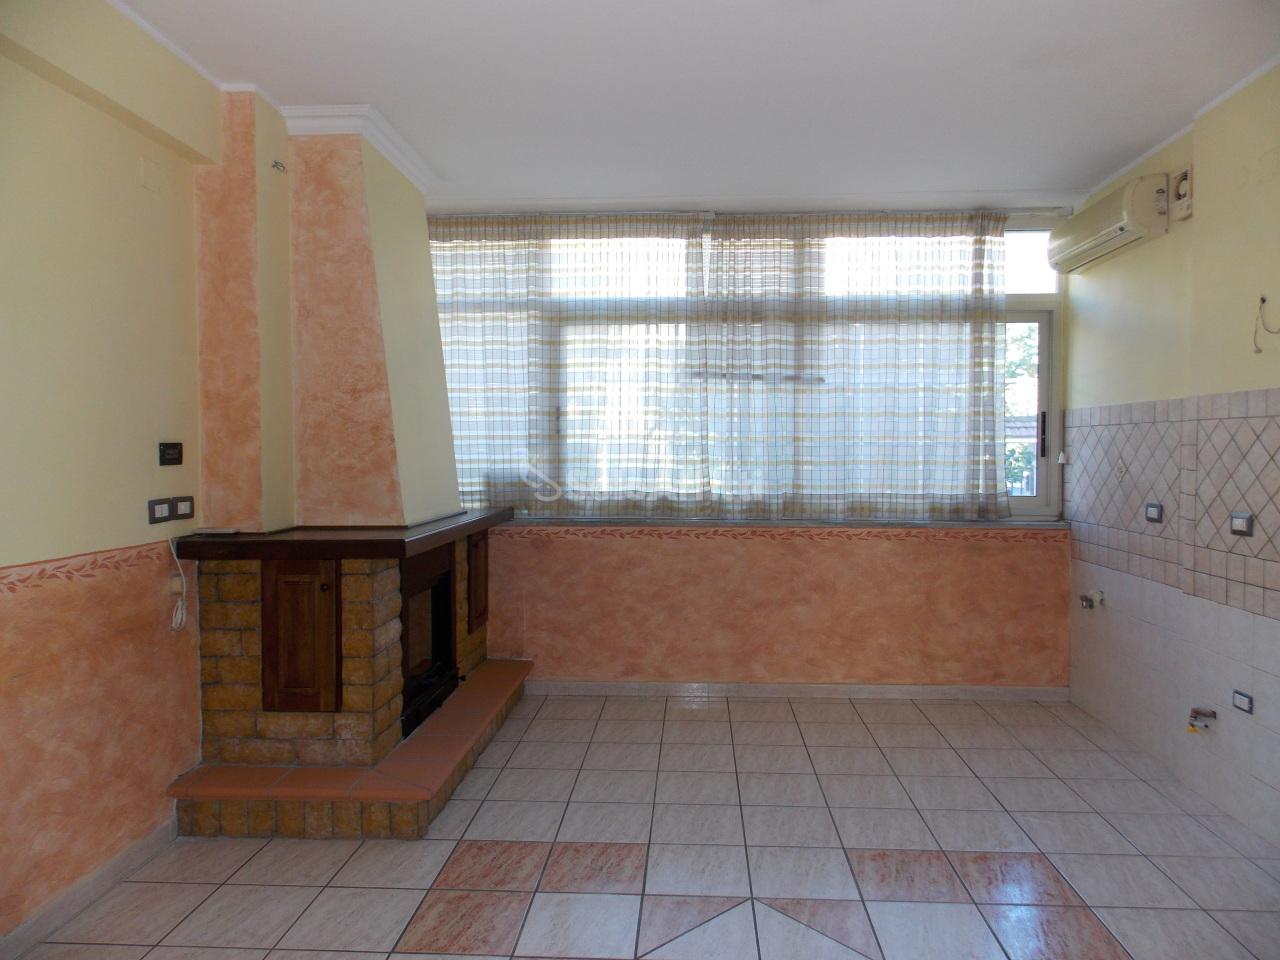 Appartamento - Quadrilocale a Santa Maria di Catanzaro, Catanzaro